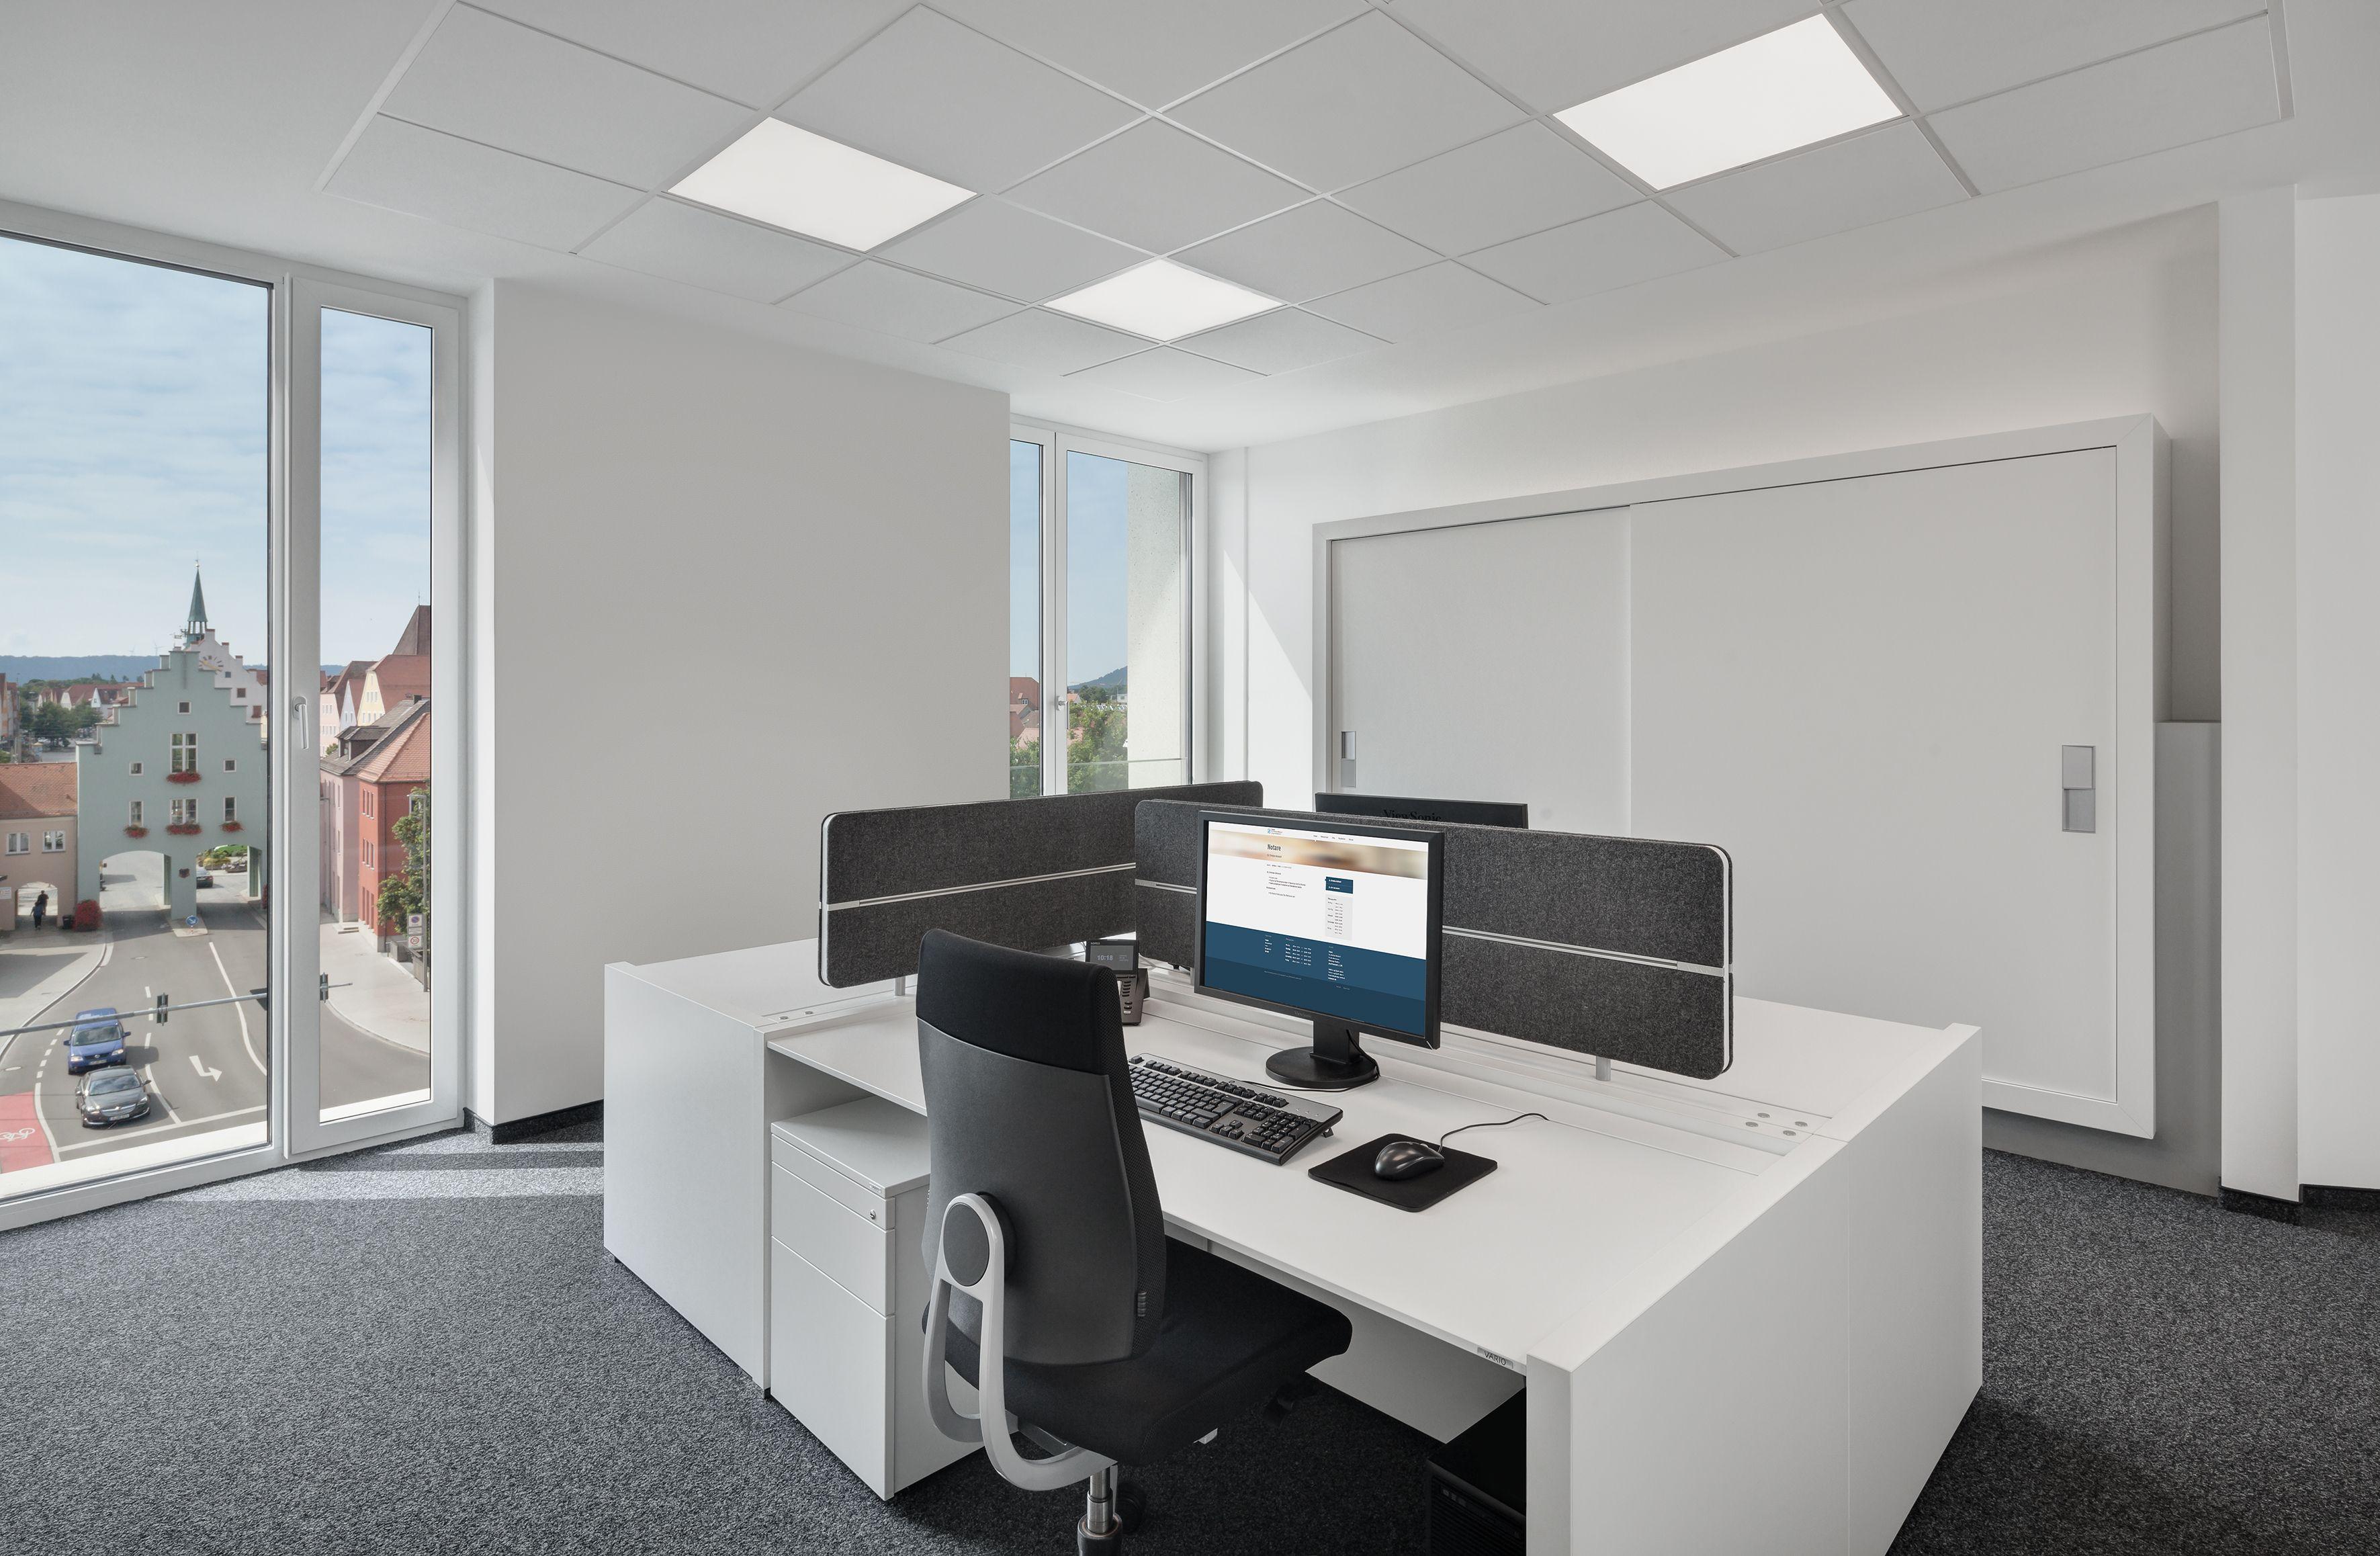 Ergonomischer bürostuhl weiß  ergonomischer Bürostuhl, Schreibtisch, Stauraum, Schrankwand, weiß ...